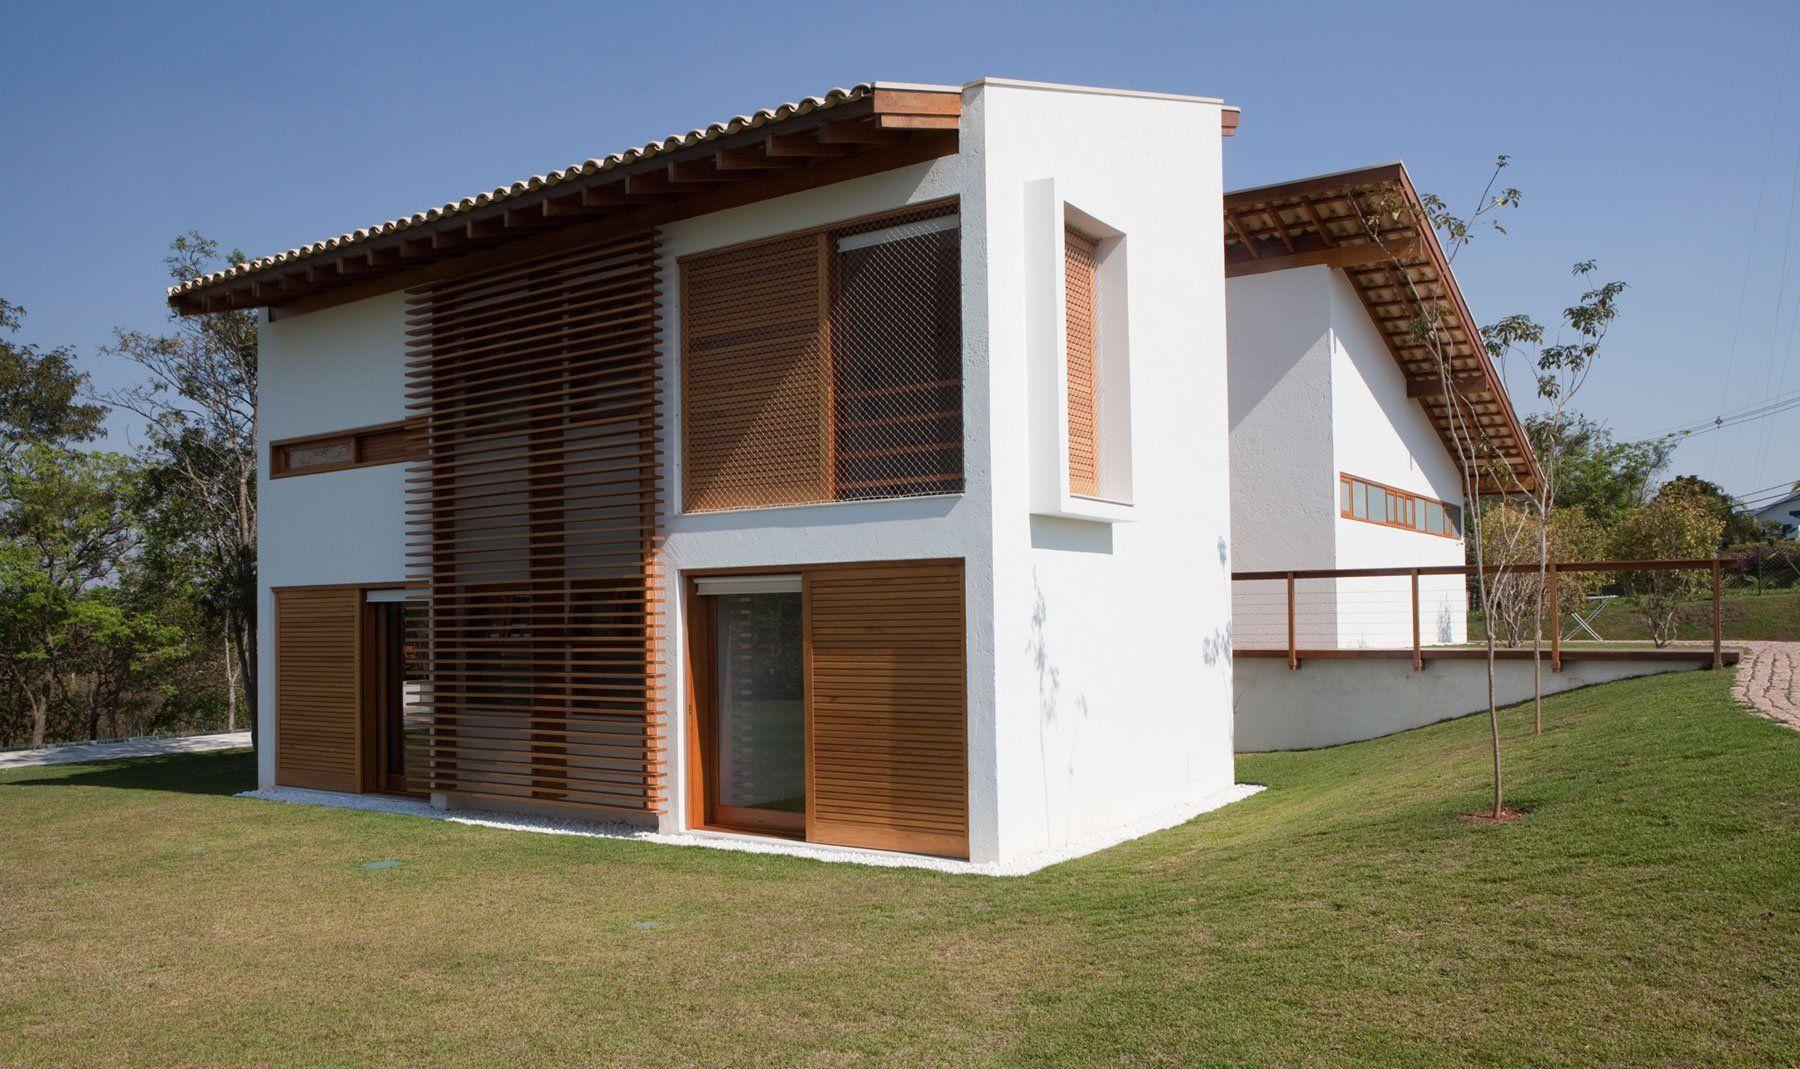 Dise o de casa de campo de madera y hormig n ideas finca pinterest casas de campo casas y - Diseno casas de campo ...